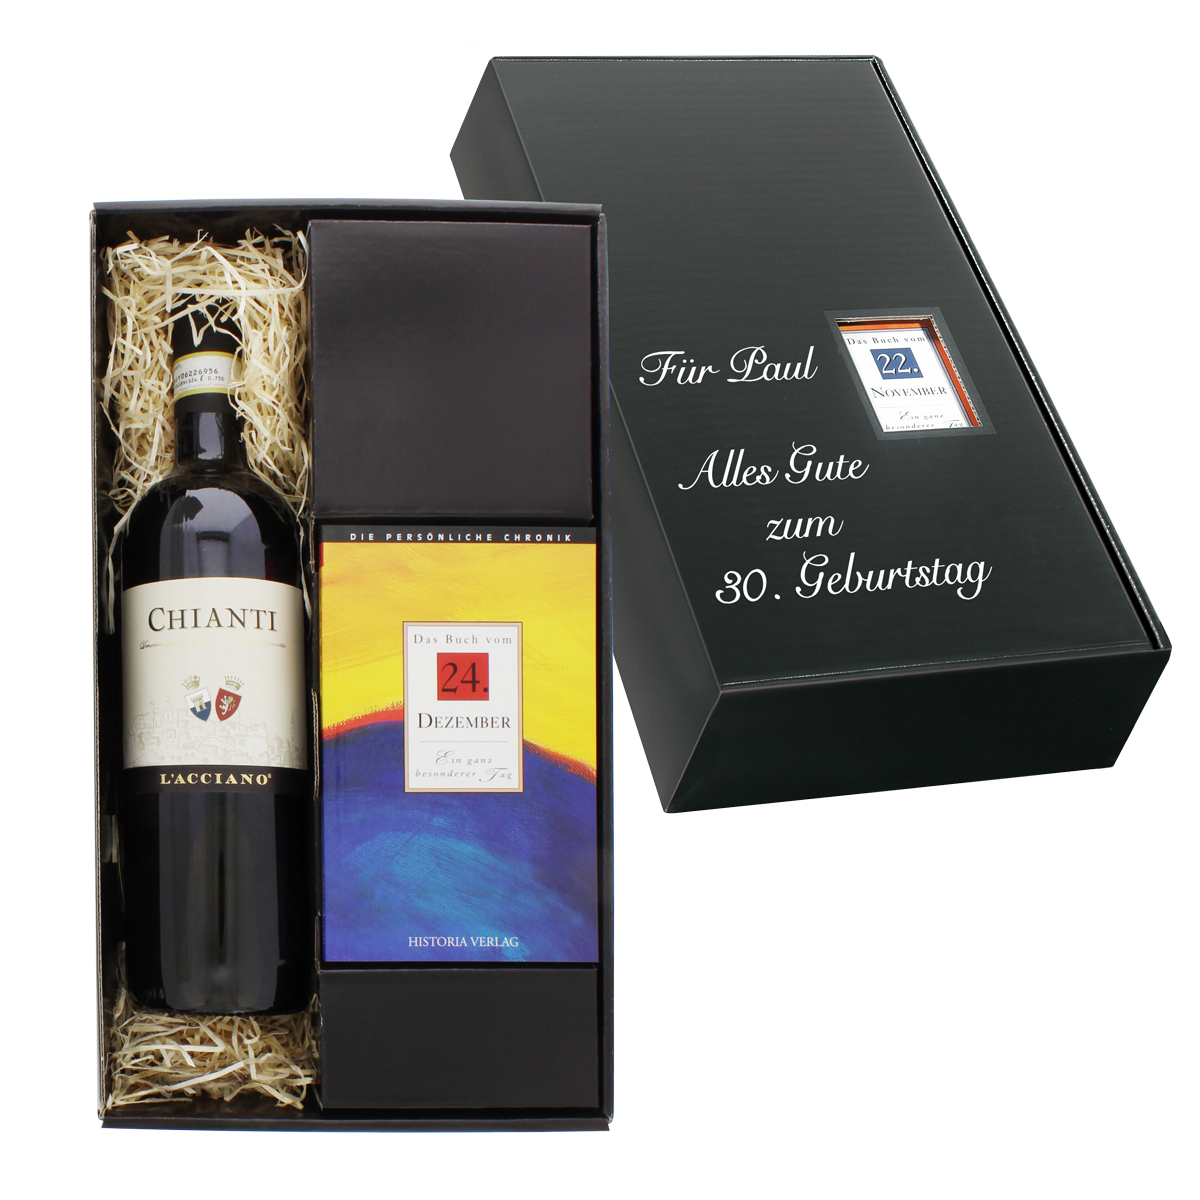 Italien-Set: Tageschronik vom 12. M?rz & Chianti-Wein